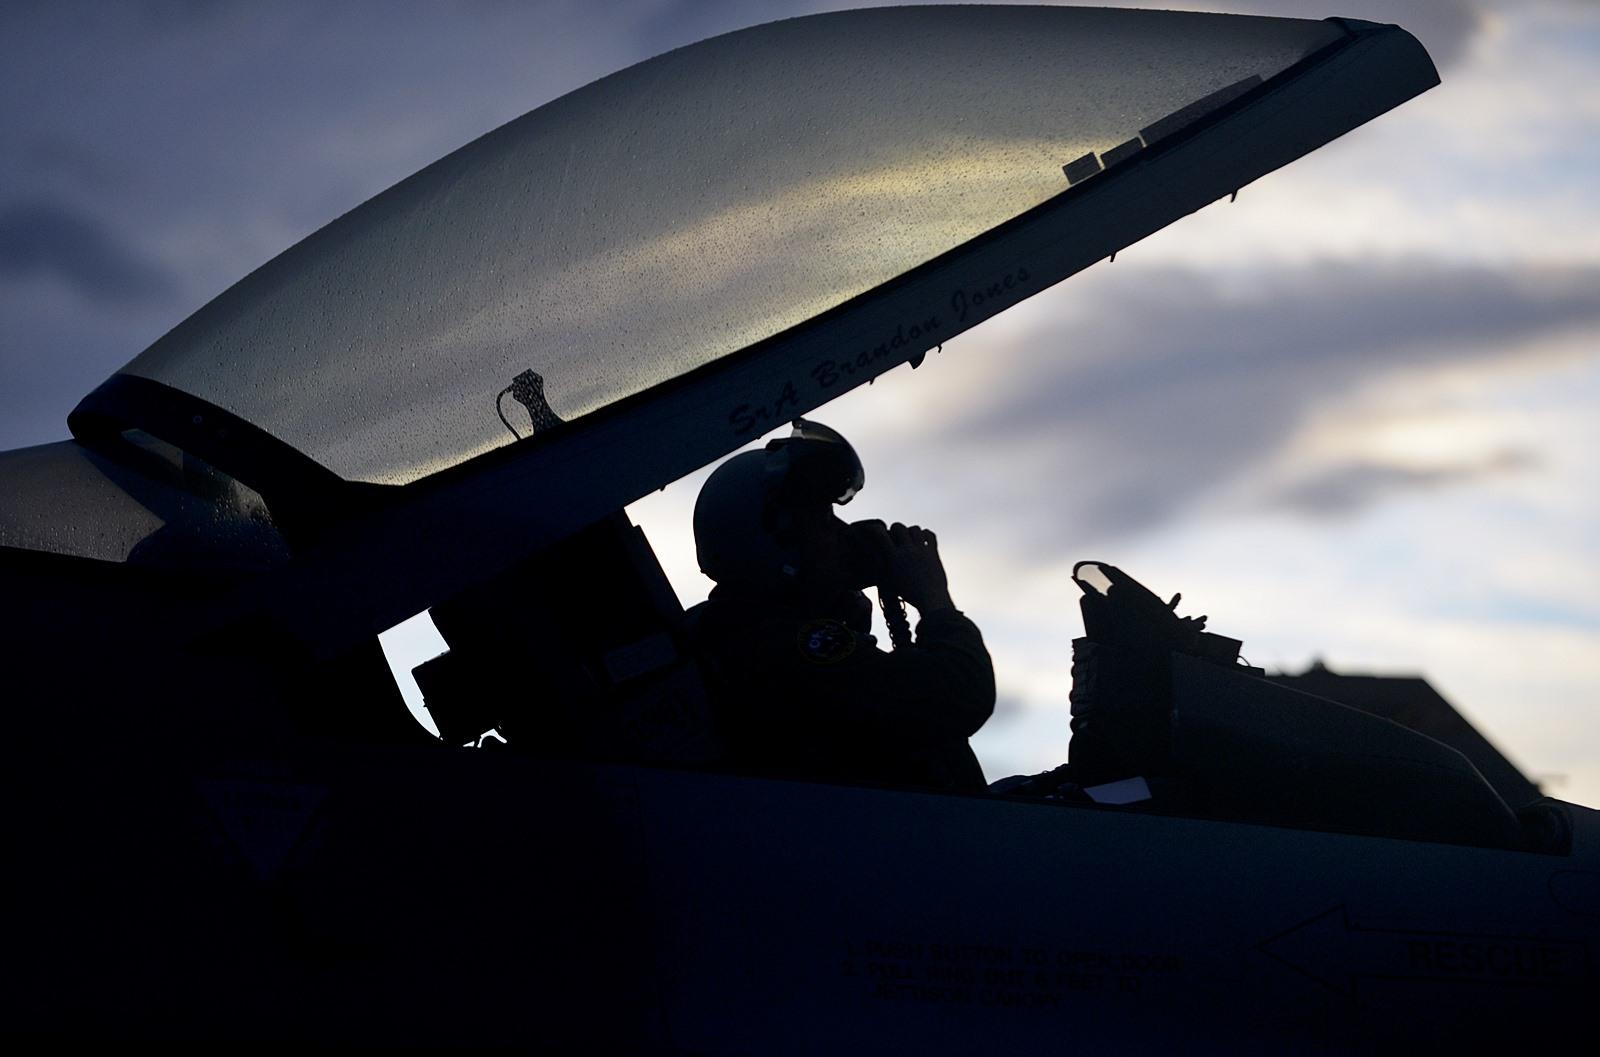 그리스와 미공군 F-16 전투기 합동훈련